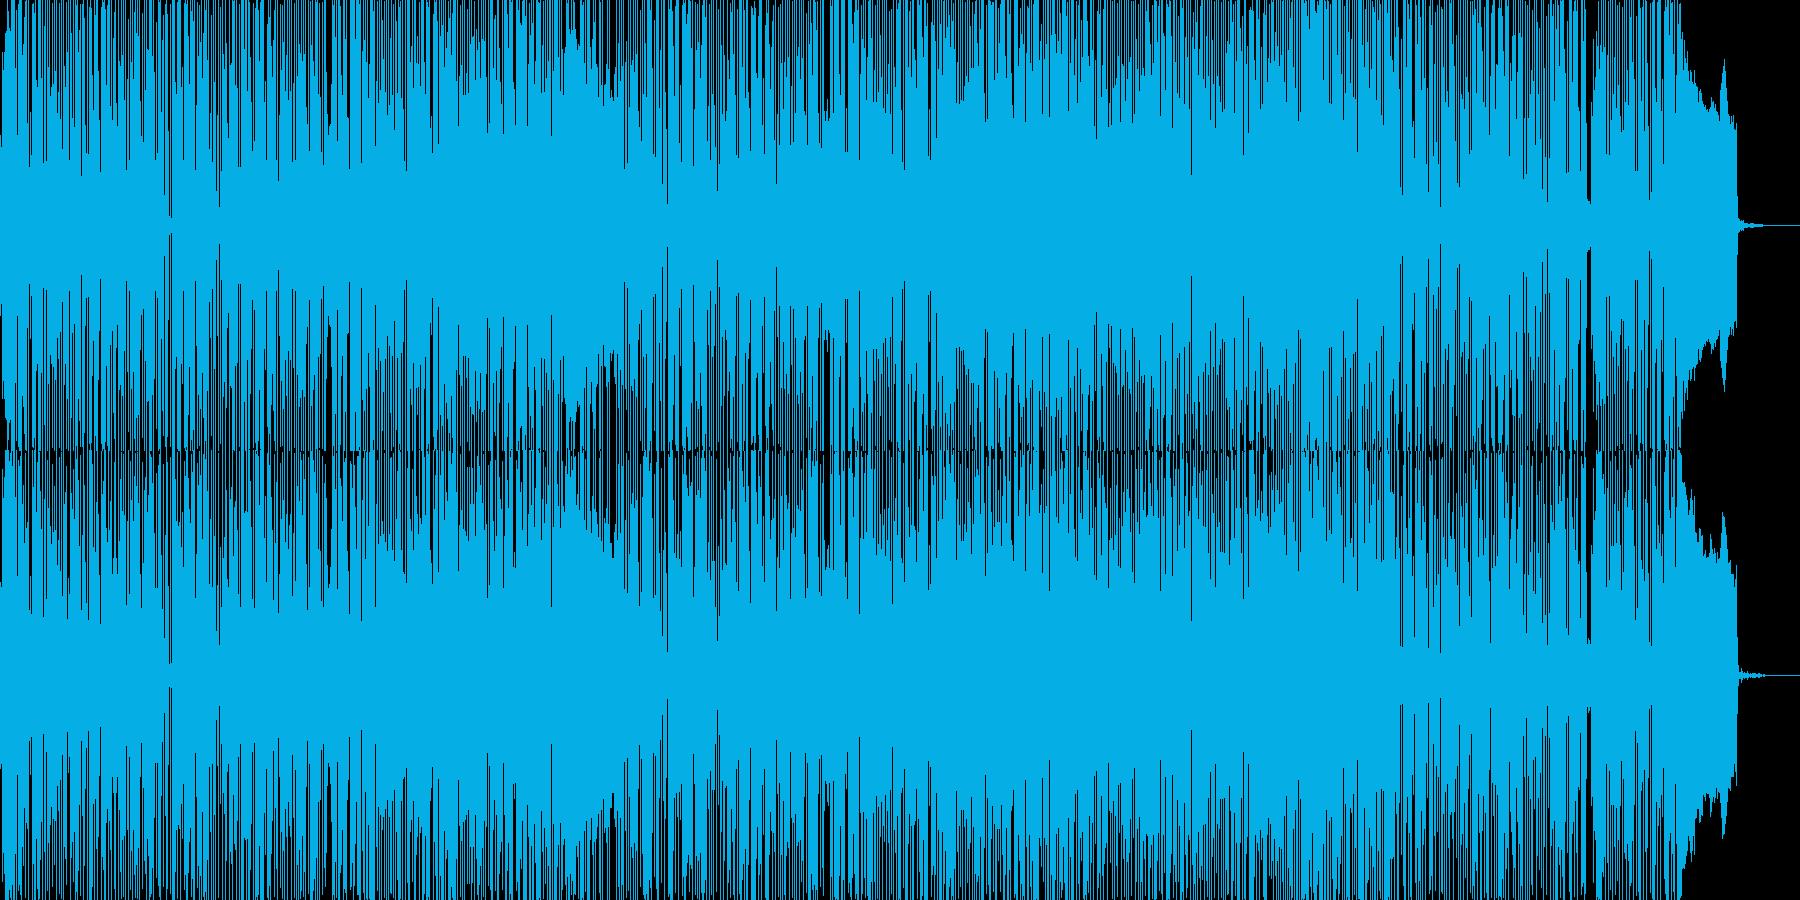 R&B風の切ない雰囲気のPopバラードの再生済みの波形